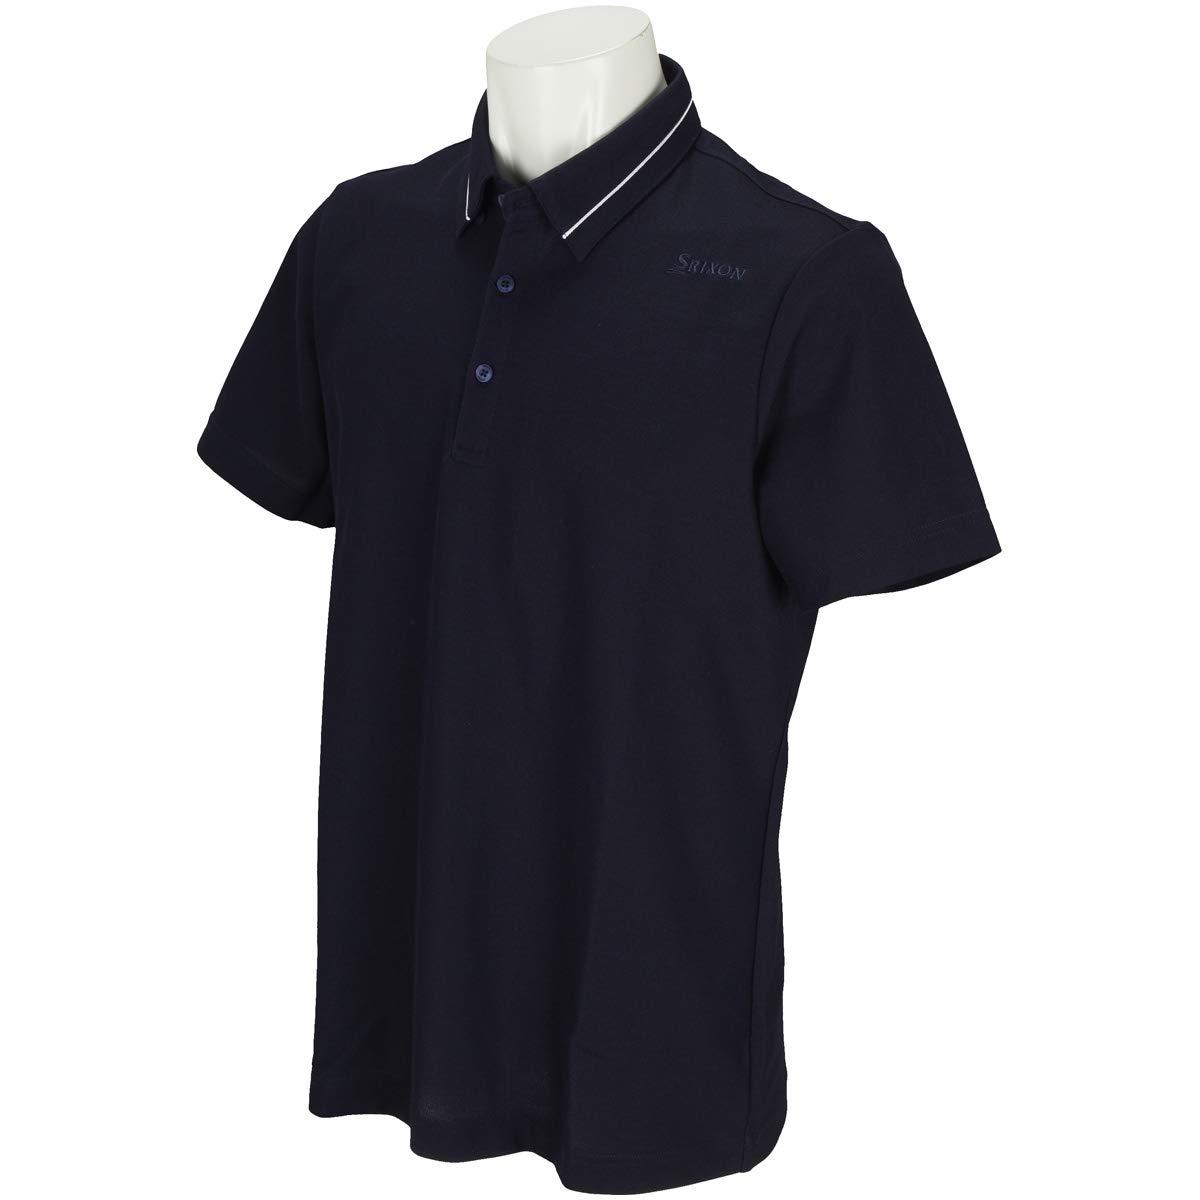 スリクソンゴルフ SRIXON 半袖シャツポロシャツ 半袖ポロシャツ ネイビー NV00 3L   B07P45CJL3